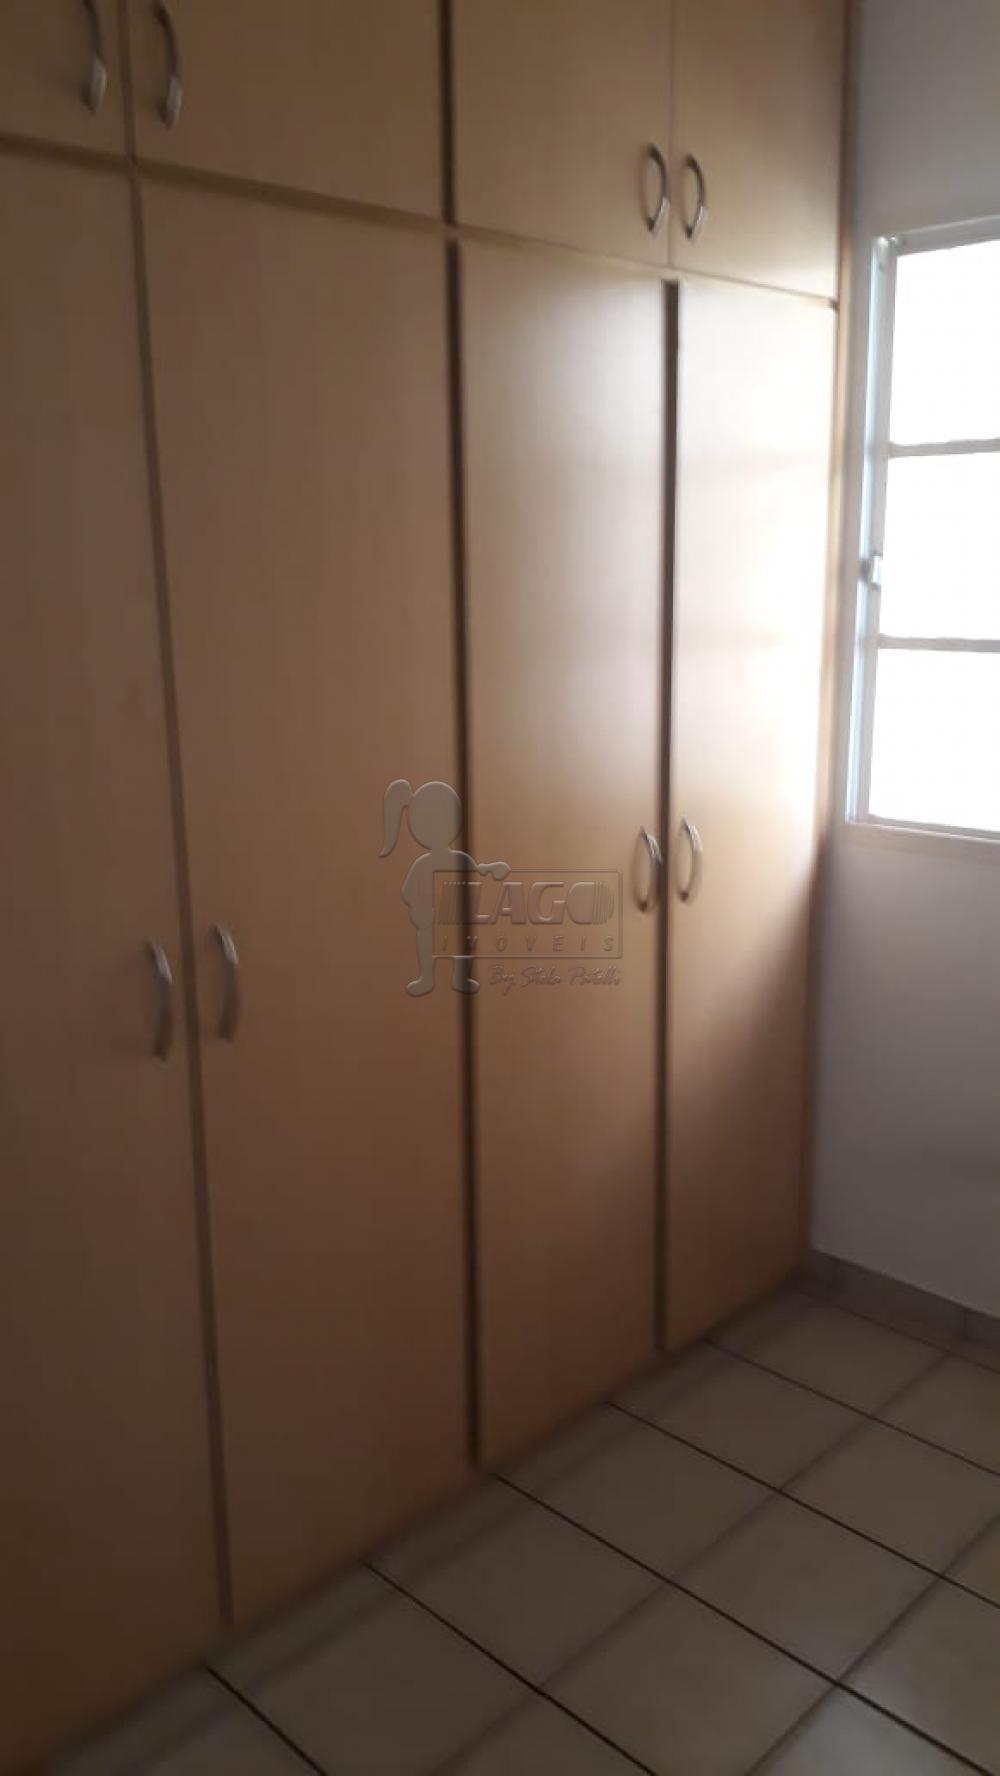 Alugar Casas / Condomínio em Ribeirão Preto apenas R$ 1.415,00 - Foto 6